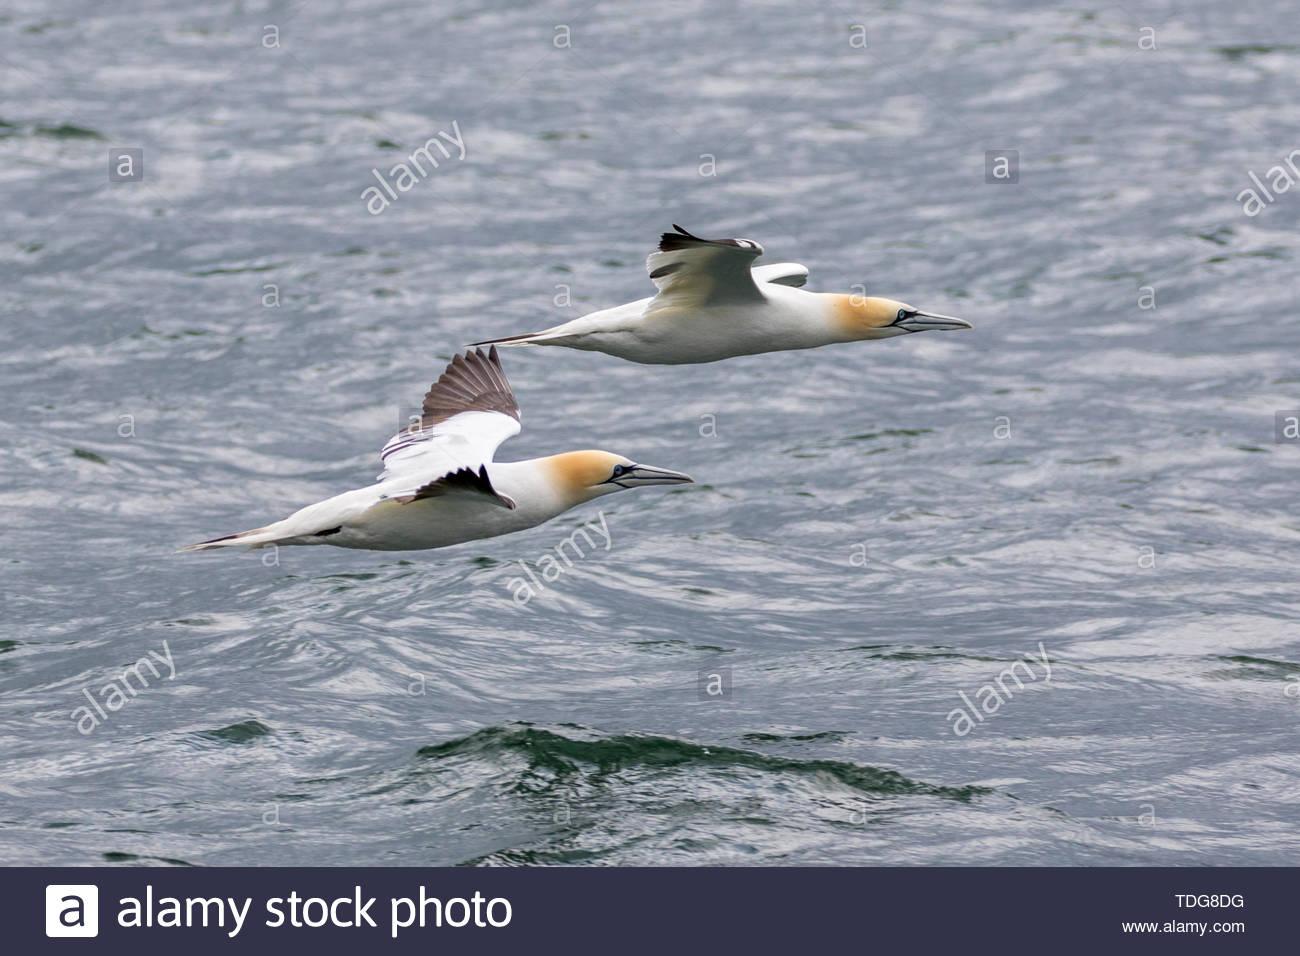 Una coppia di (Nord) sule battenti appena al di sopra del mare a Bempton, East Yorkshire, Regno Unito Foto Stock